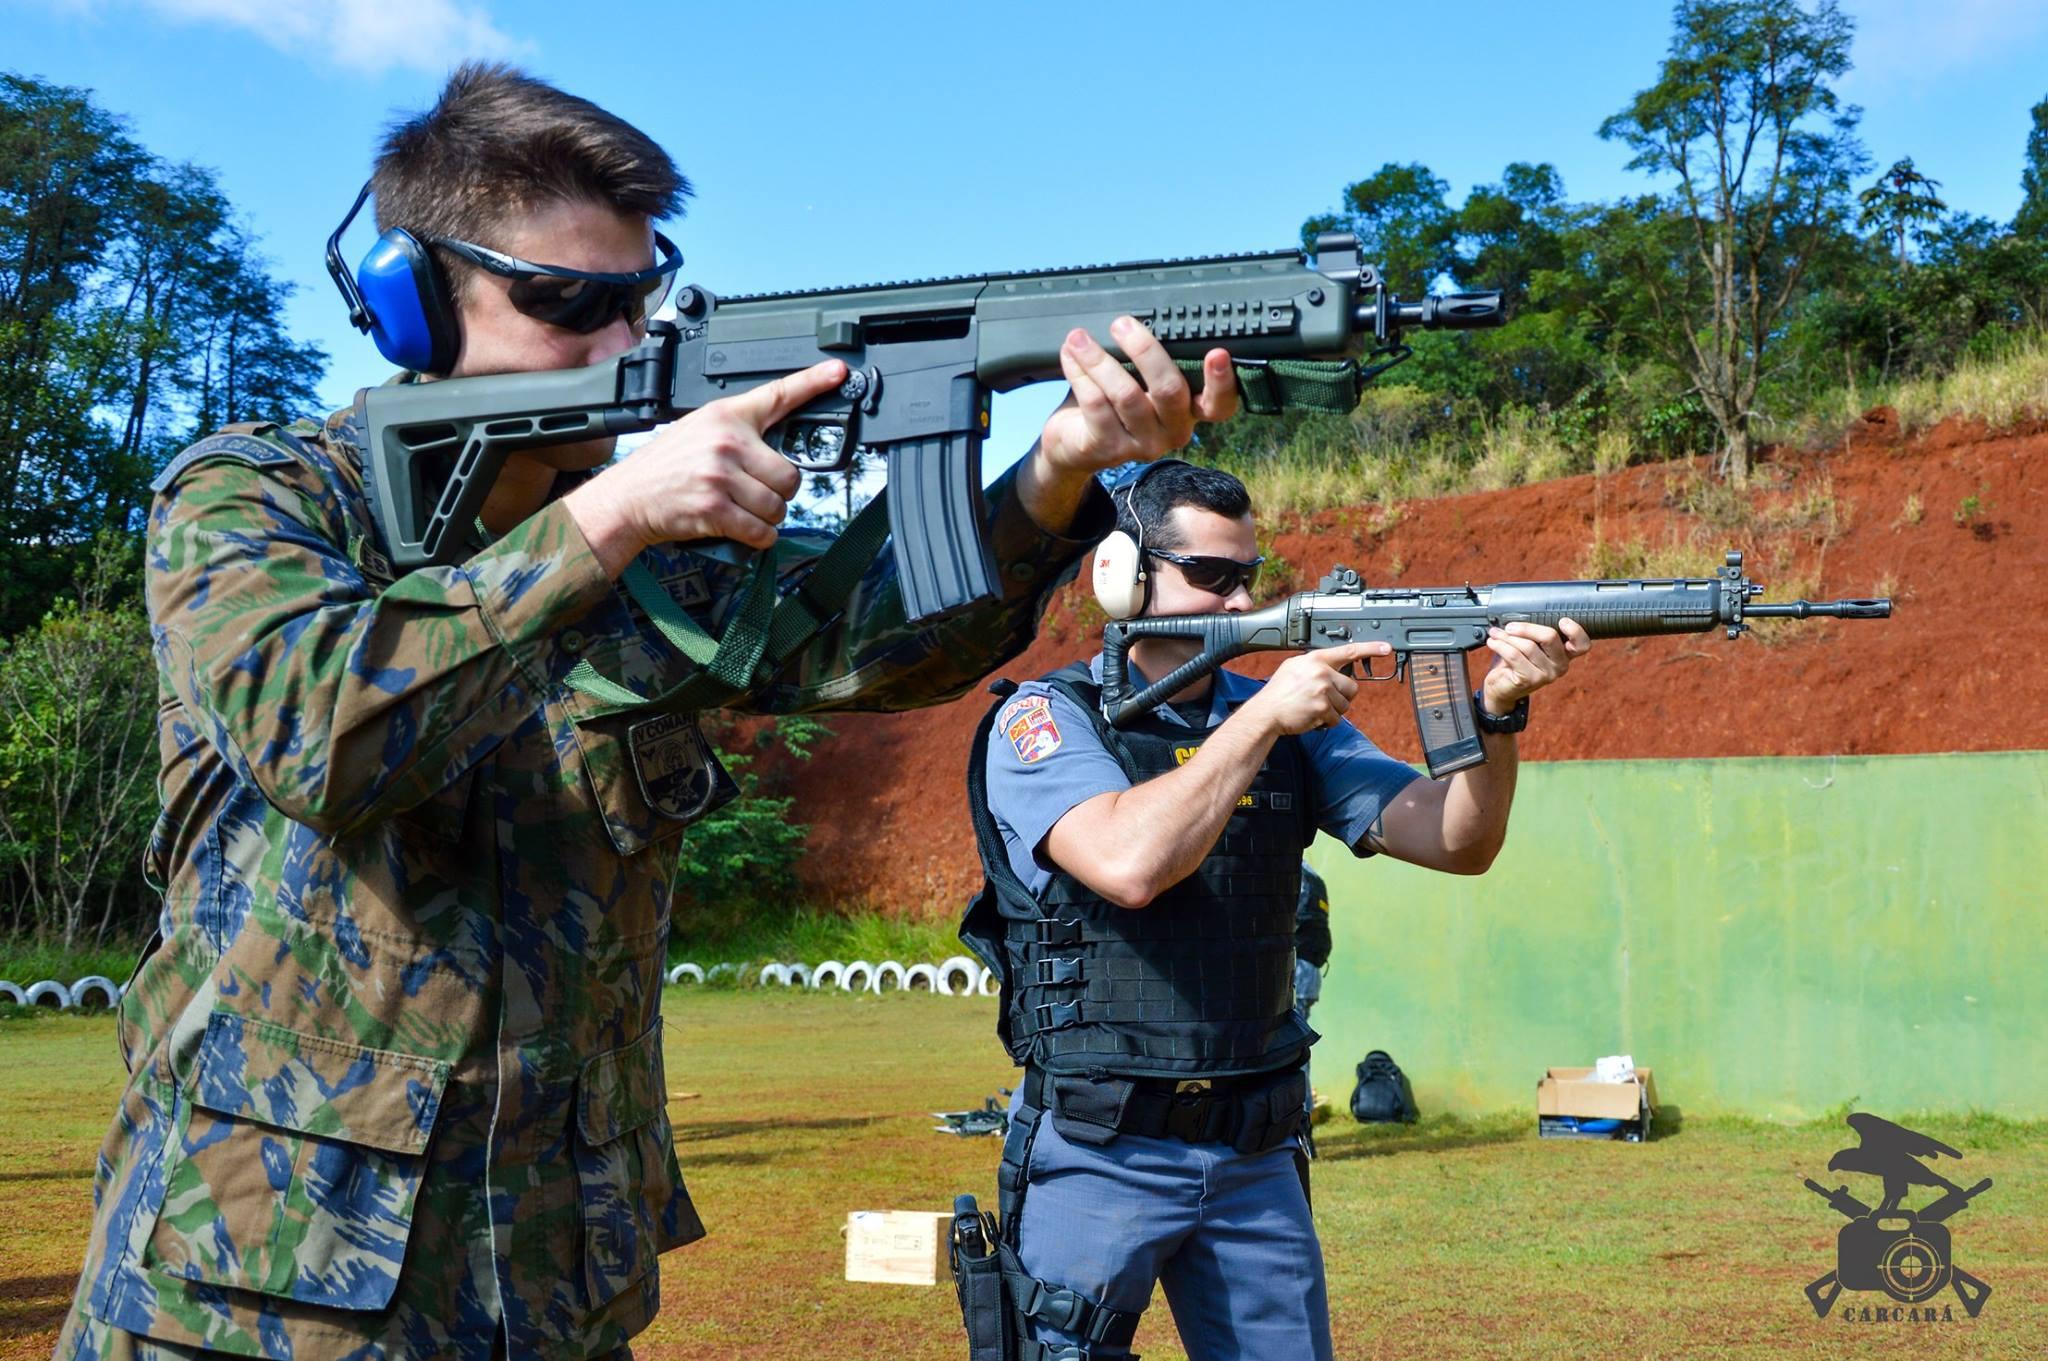 FAB PÉ DE POEIRA: Militares do Batalhão Bandeirante (BINFA-14) realizam Intercambio com a PMESP